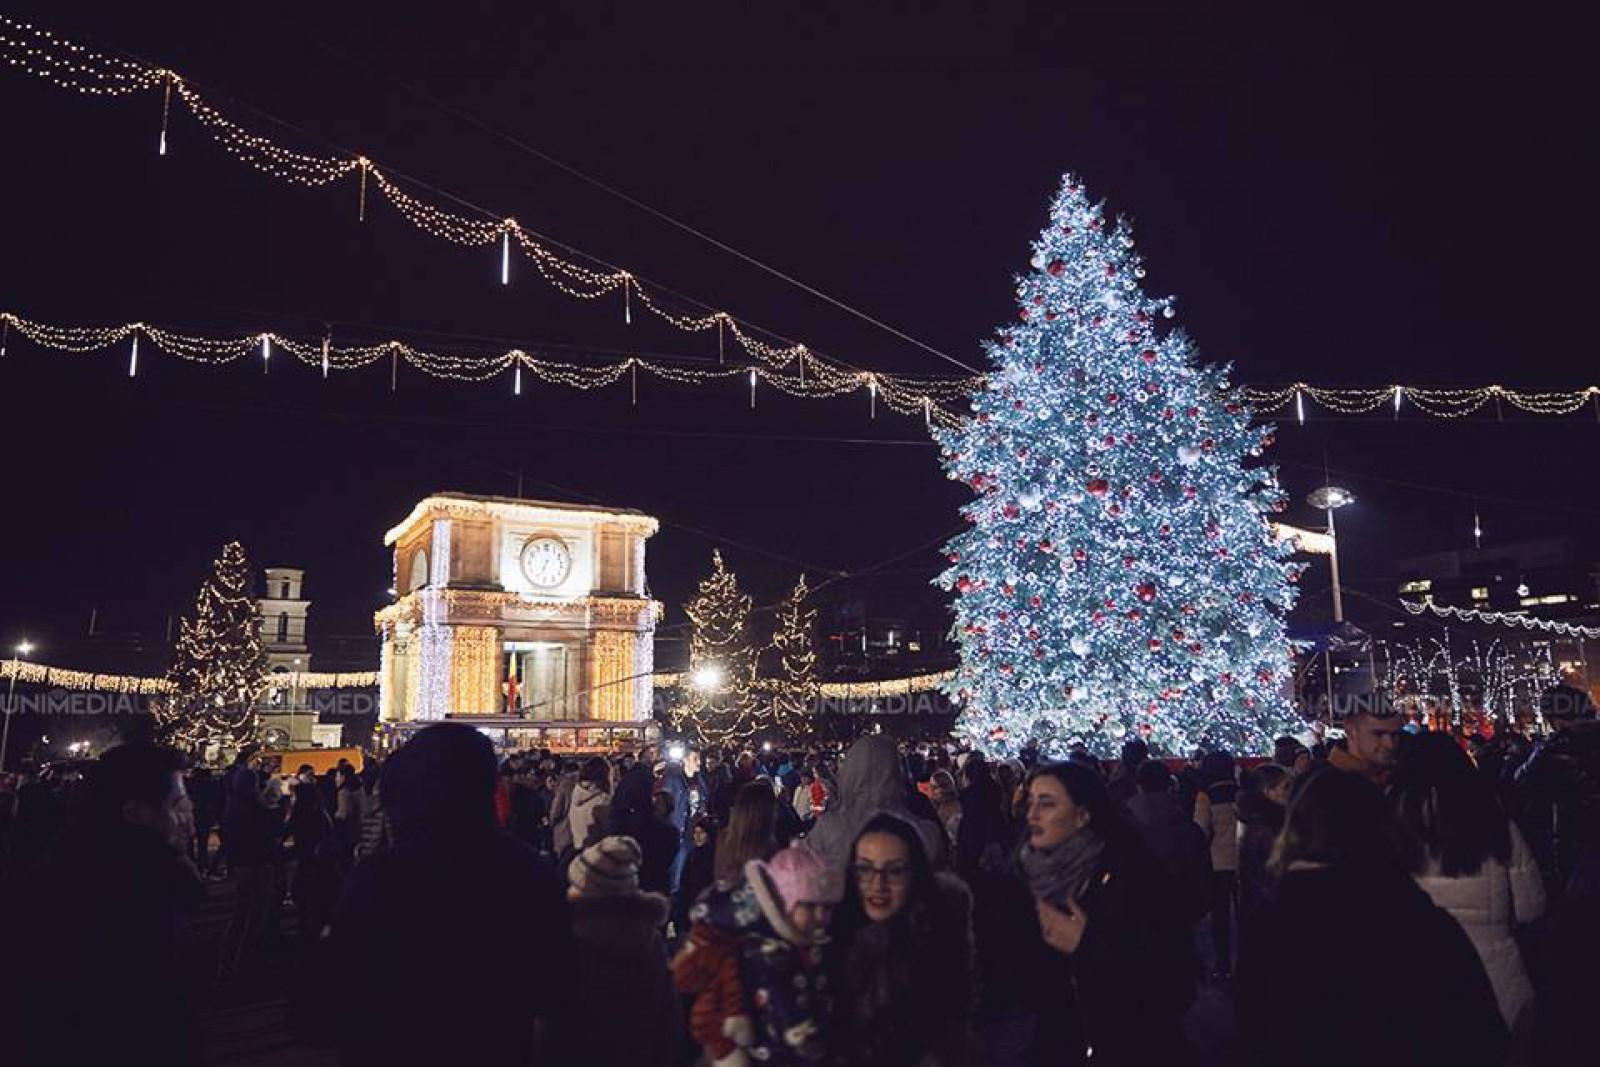 (galerie foto) Feeria iernii în capitală. Chișinăul a îmbrăcat straie de sărbătoare